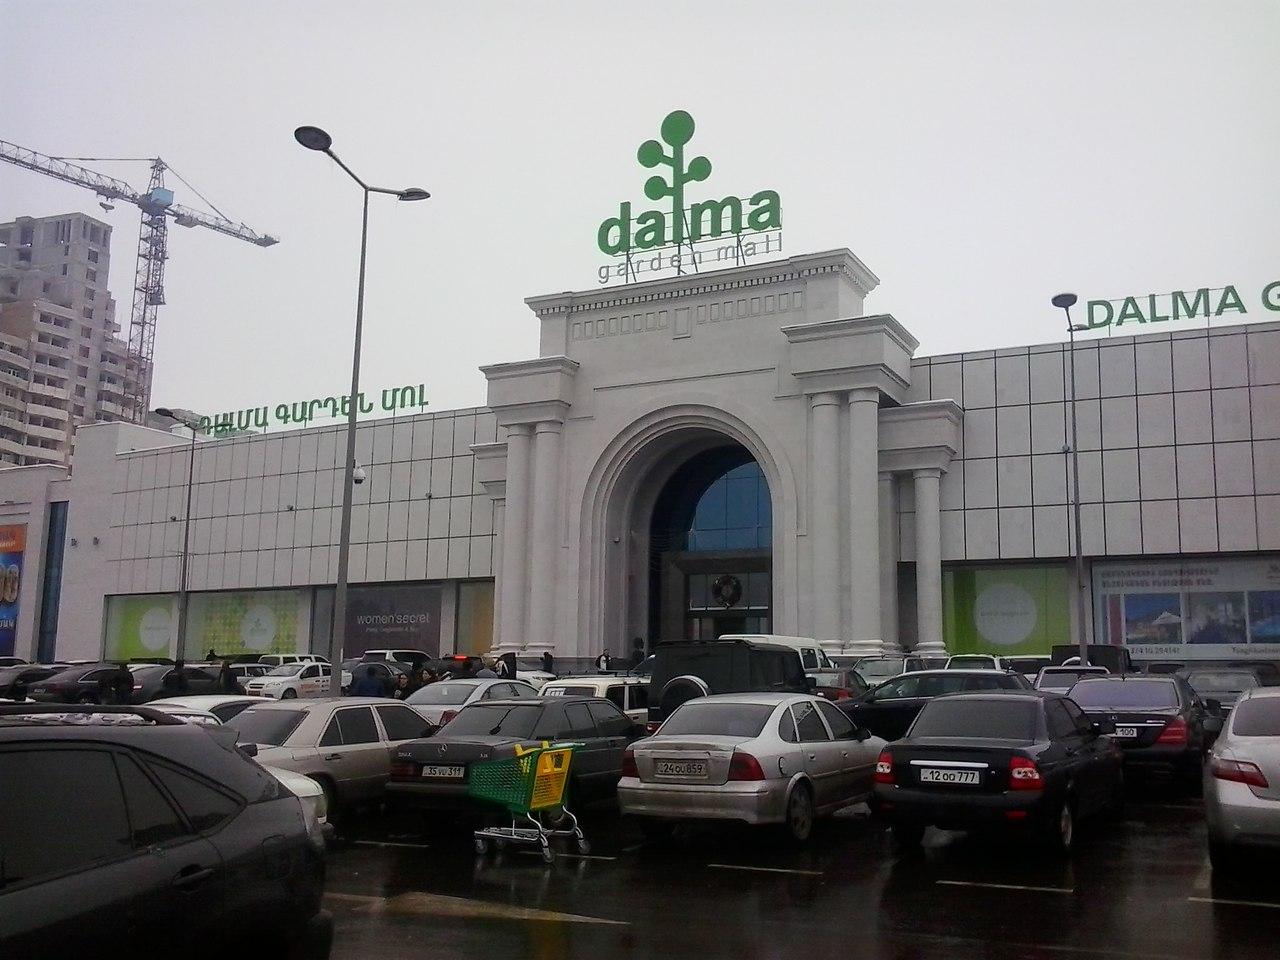 ԱԻՆ-ը շարունակում է աշխատանքները «Դալմա Գարդեն մոլում»